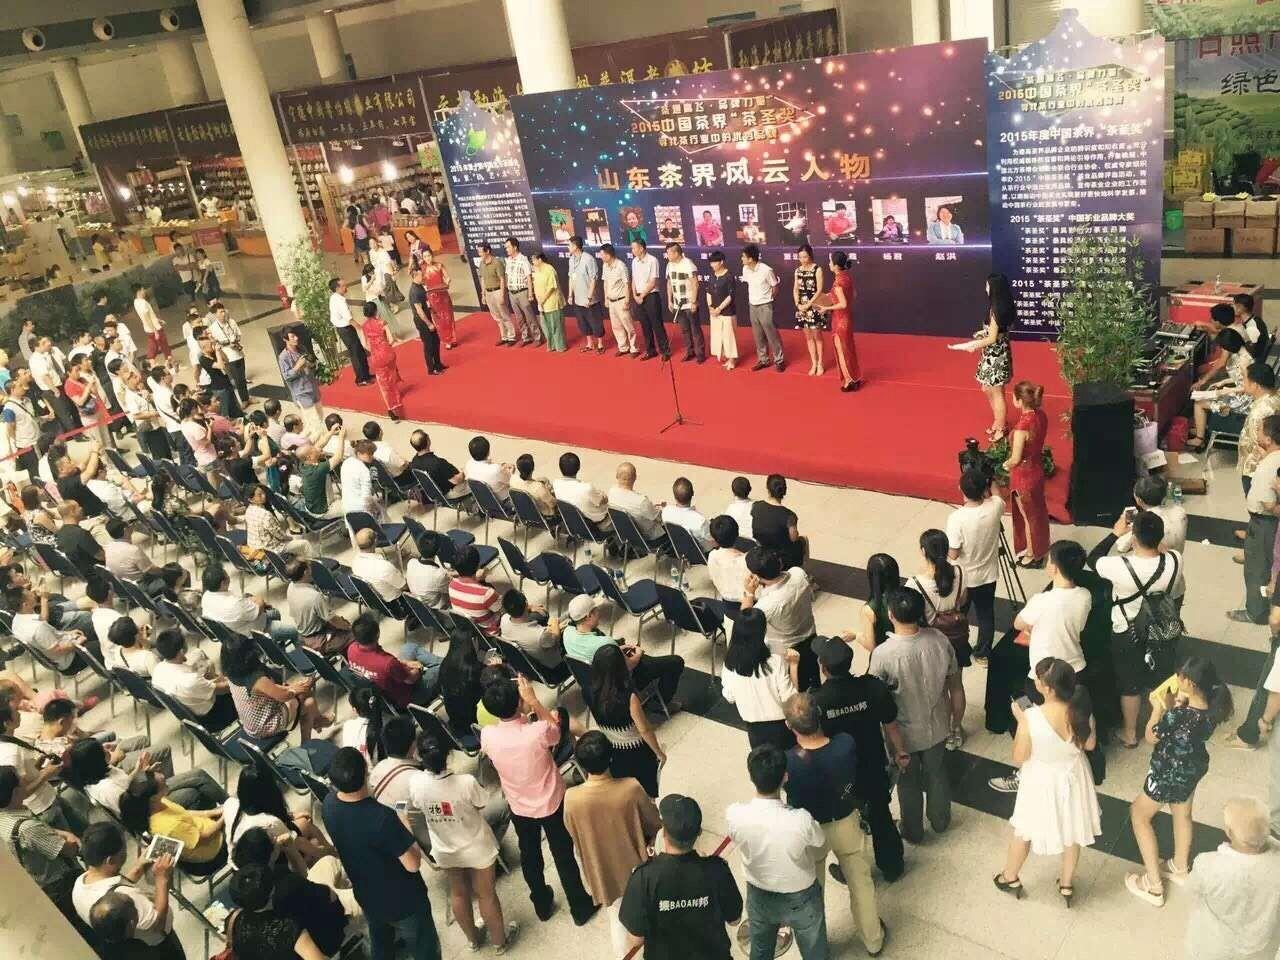 2015中国茶界茶圣奖;济南茶博会;第十届中国北方茶博会